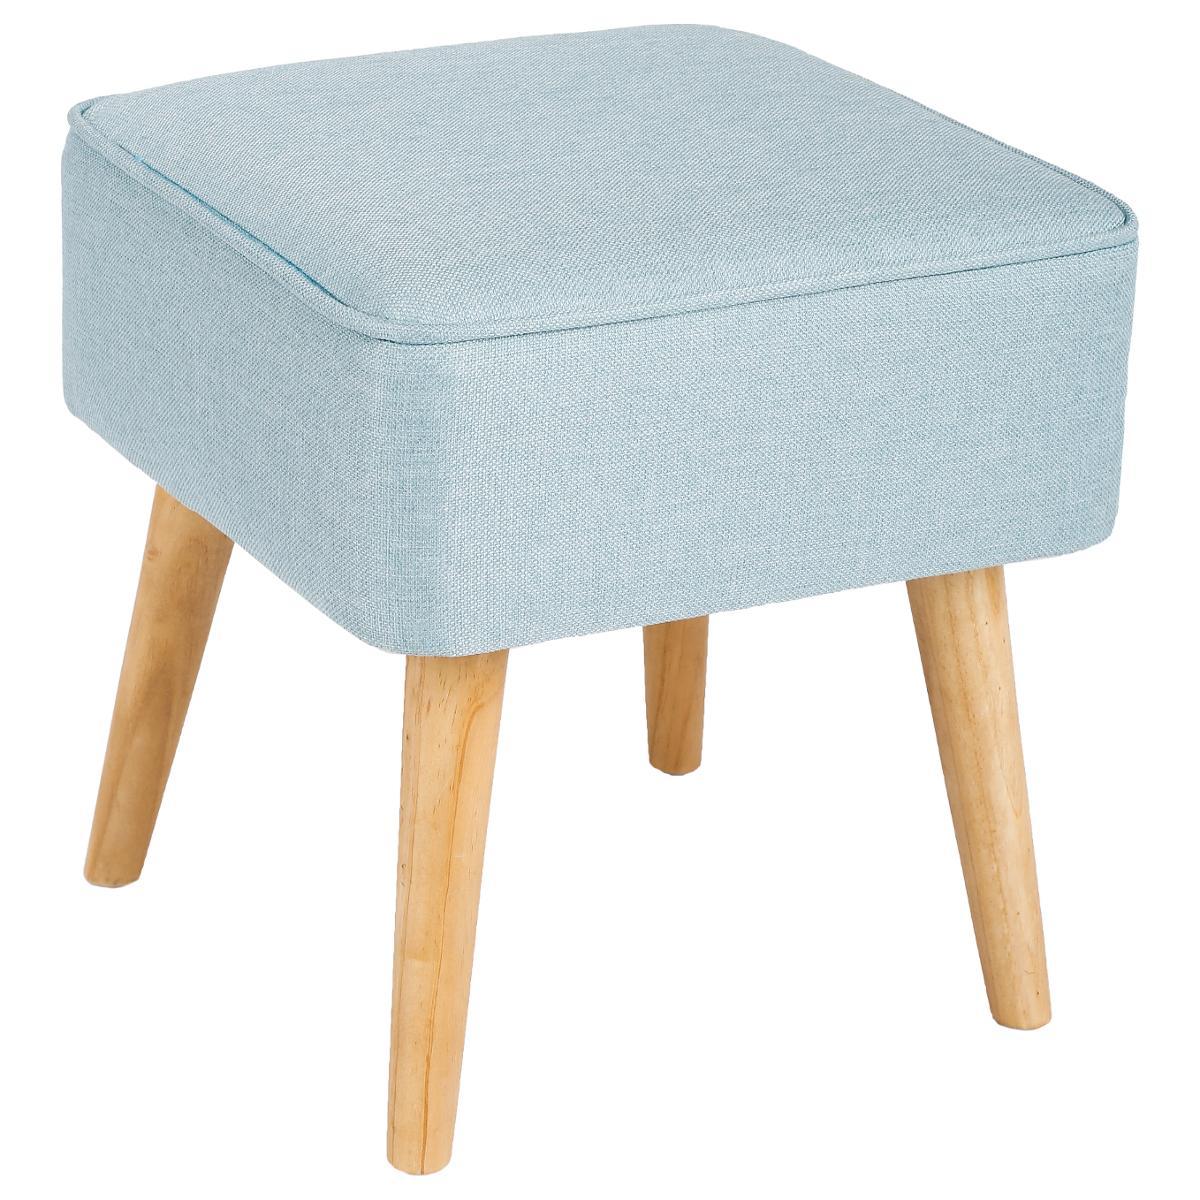 magasin en ligne e584d d5f55 Tabouret pouf carré esprit Scandinave en tissu bleu clair et pieds bois  40x40x40cm